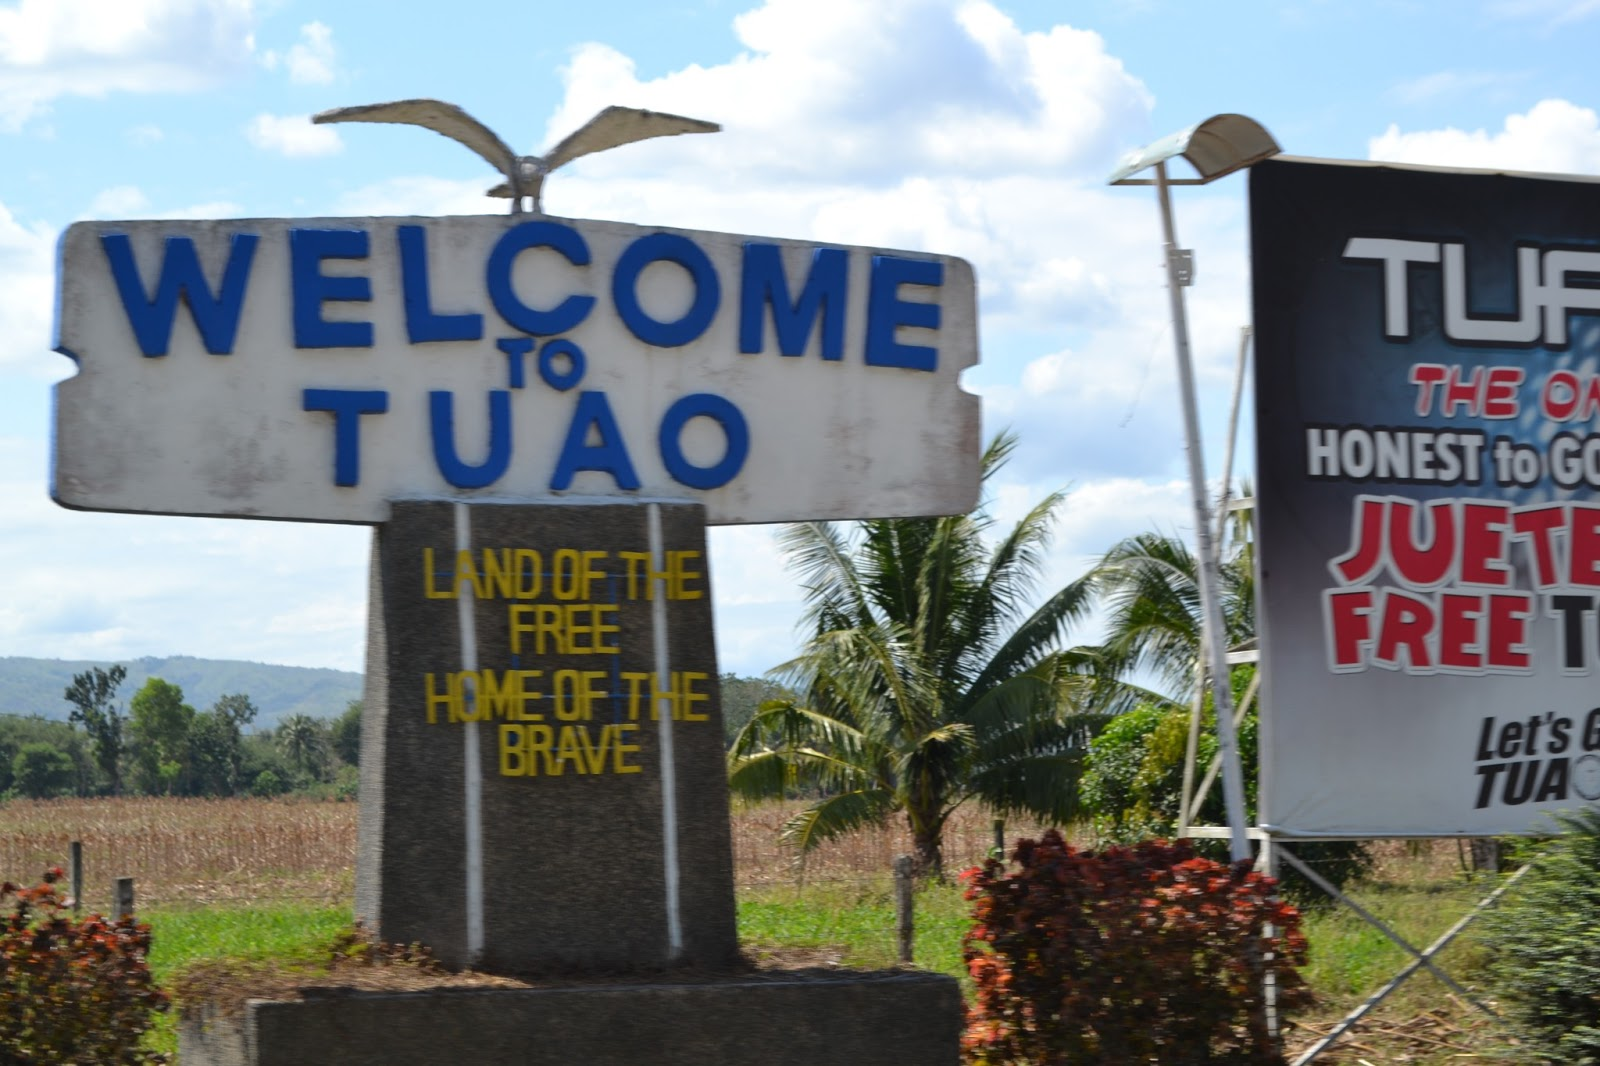 Tuao Patronal Fiesta